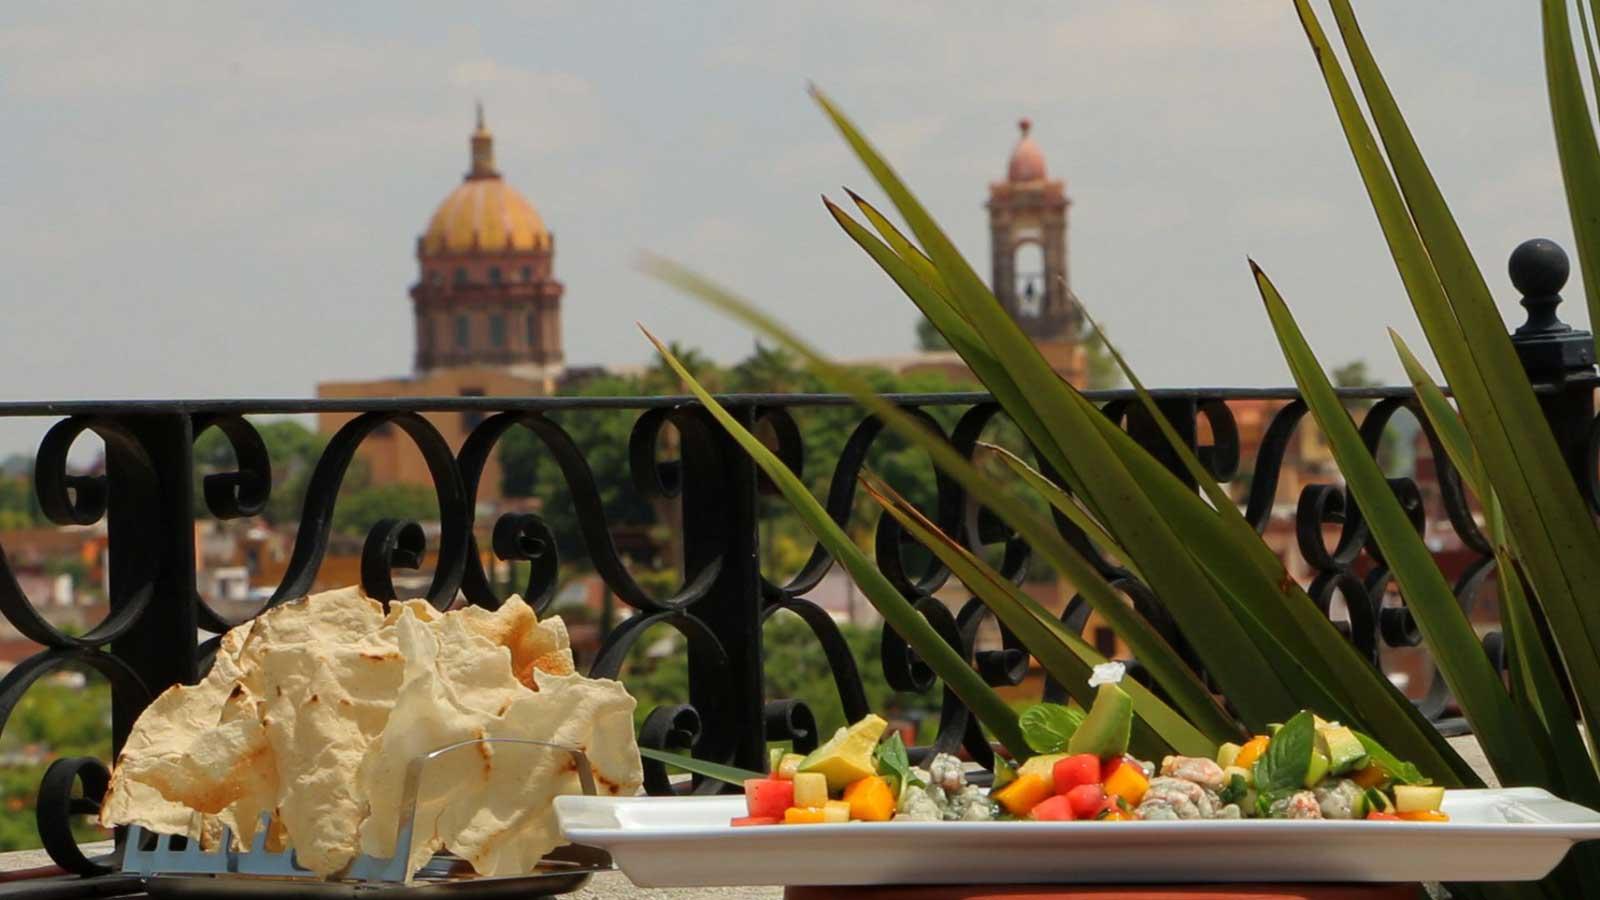 Ceviche negro a las cenizas de pescado huachinango for Canal cocina mexicana